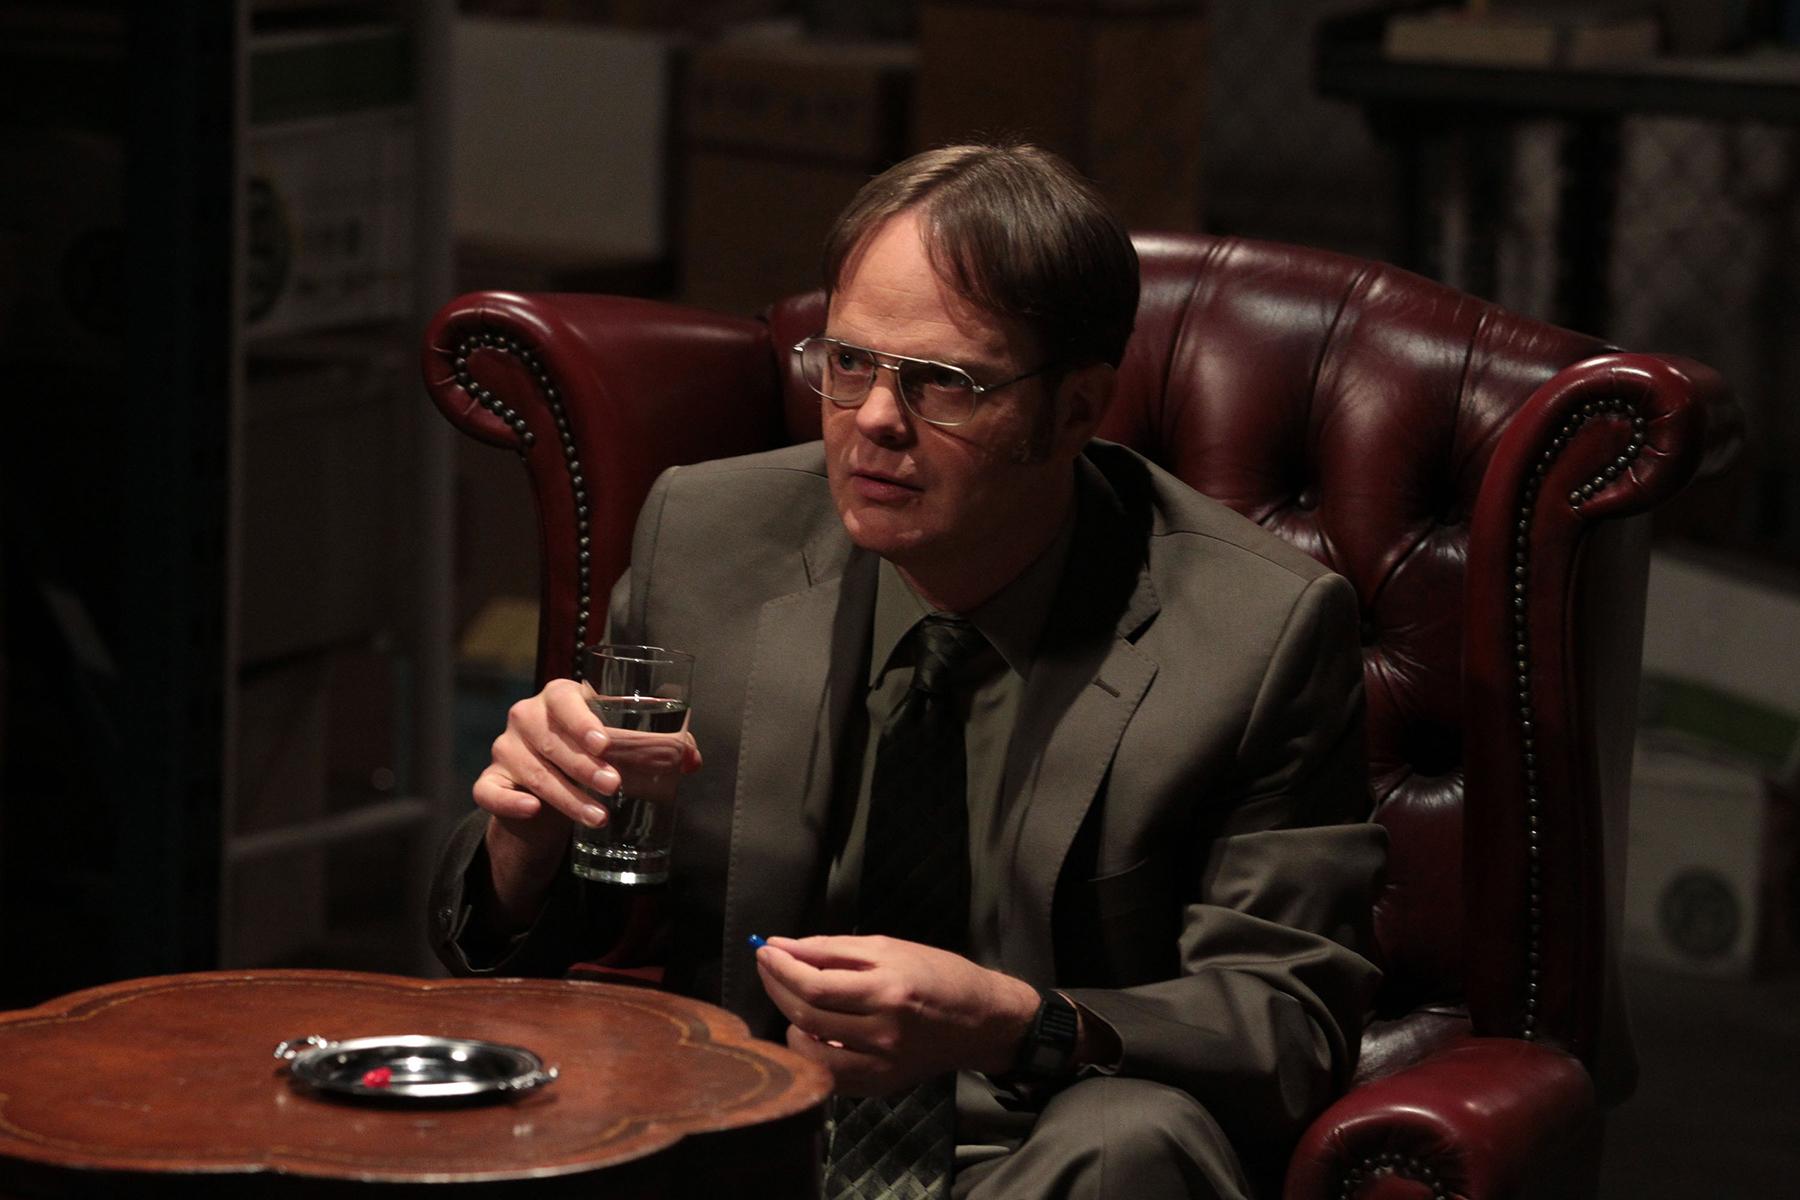 Cena inédita da nona temporada de The Office faz referência e pegadinha com Matrix